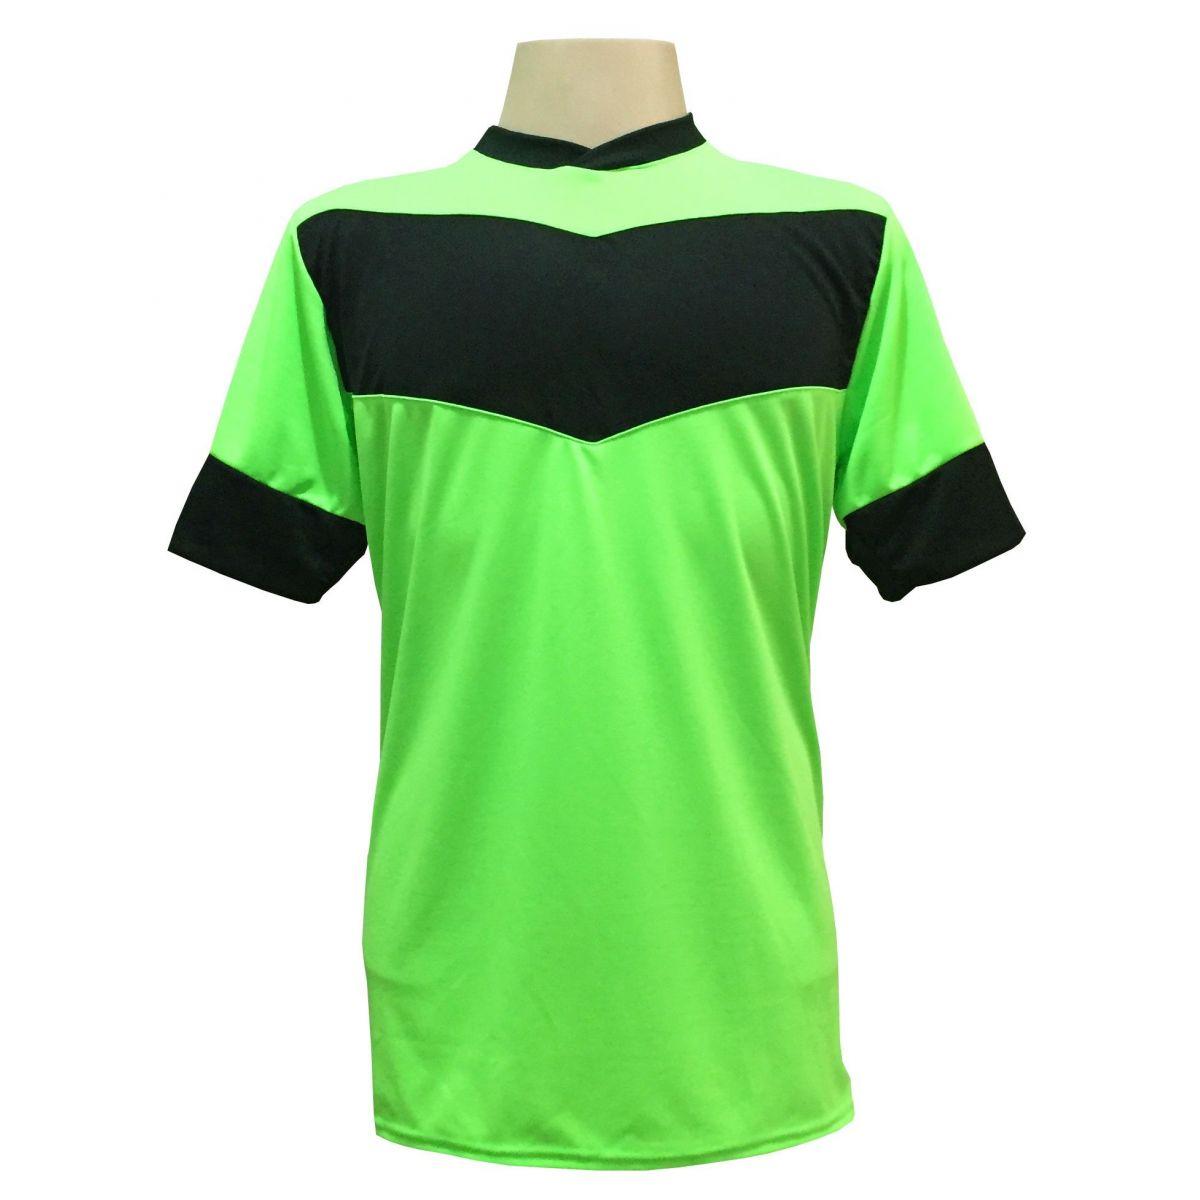 Jogo de Camisa com 18 unidades modelo Columbus Limão Preto + 1 Goleiro +  Brindes 610fd95308622